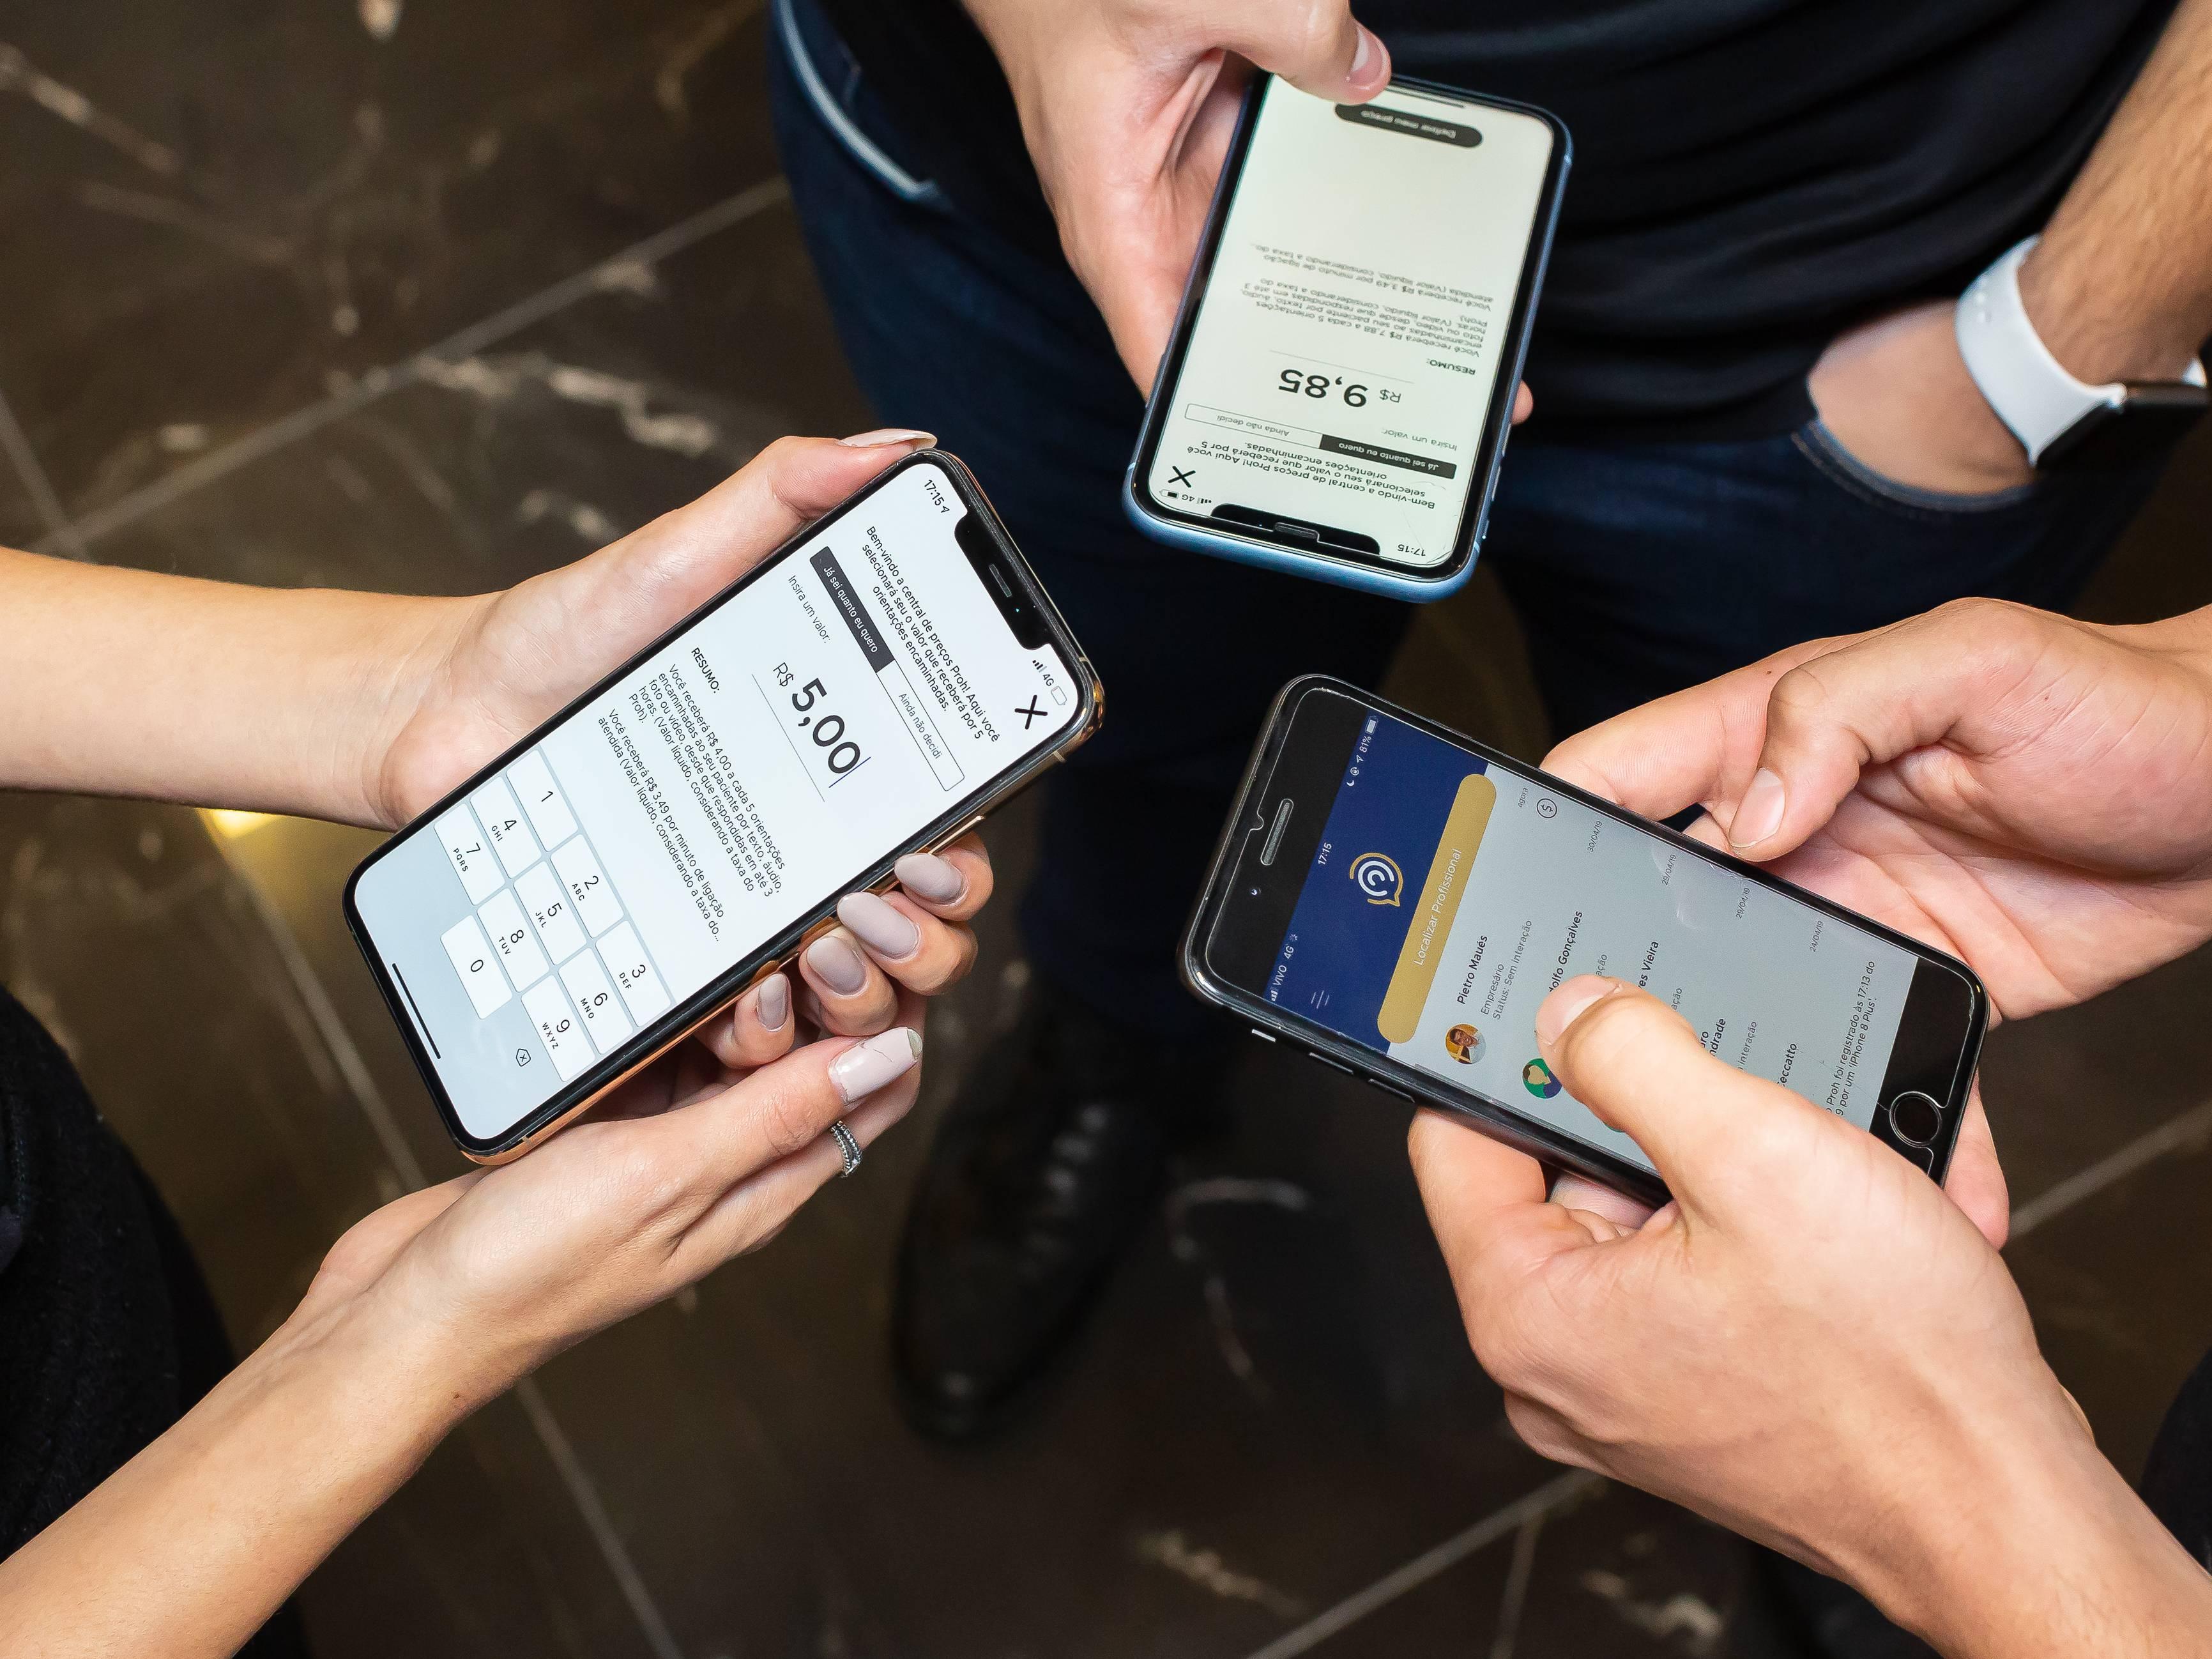 aplicativo-monetiza-atendimento-médico-pelo-celular-proh-divulgação-21